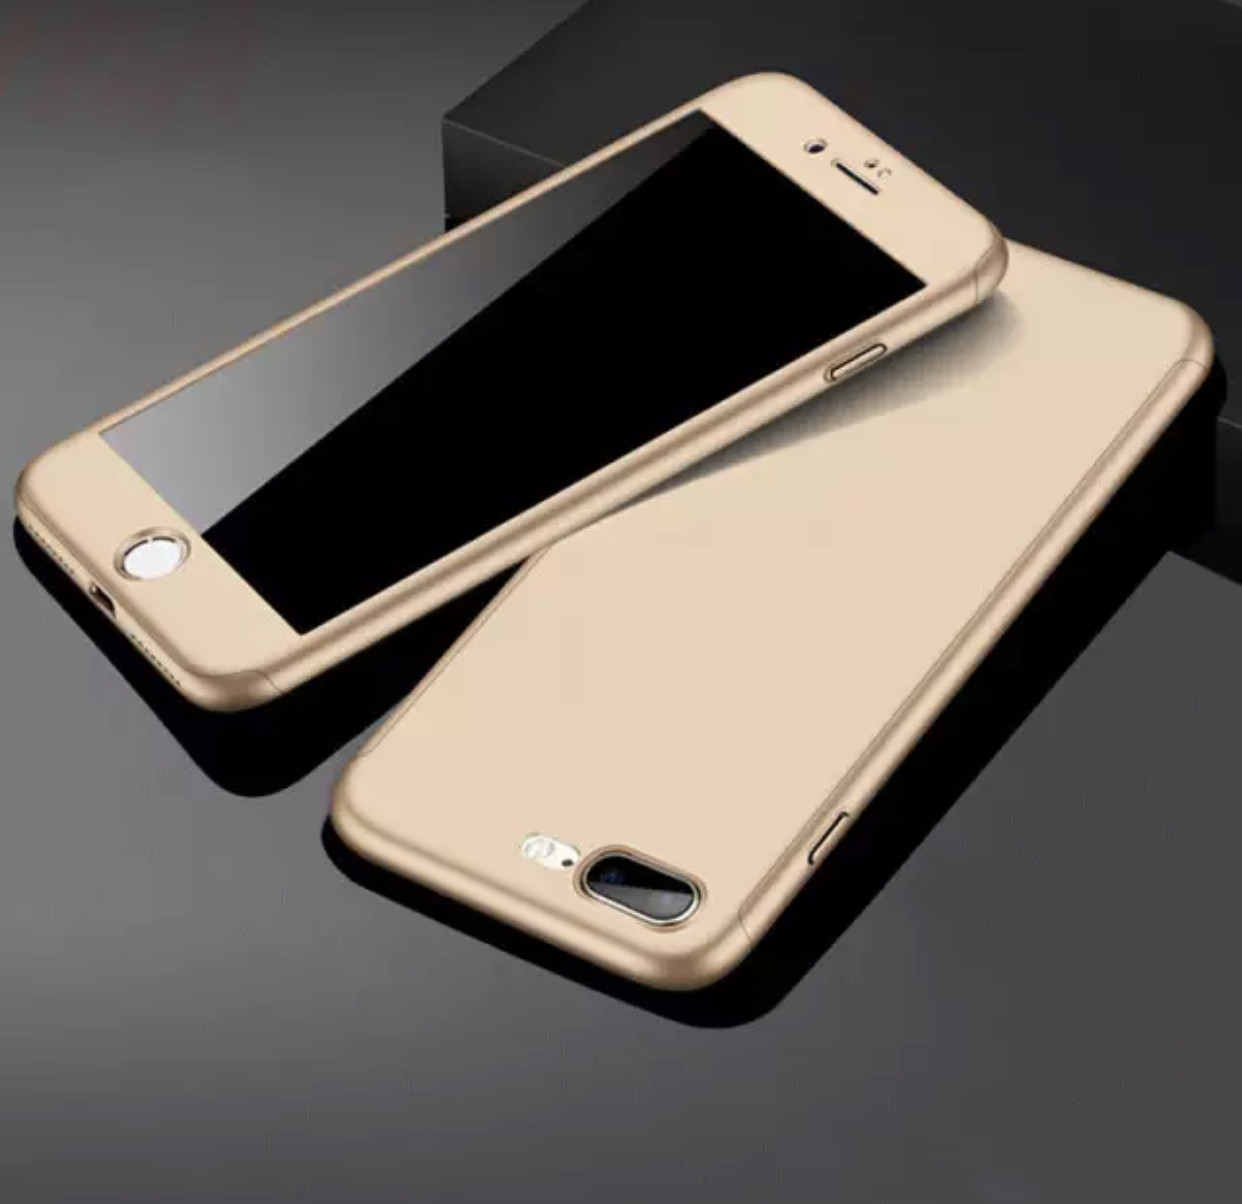 Чехол накладка  для Iphone 5/5S/5SE противоударный 360 градусов стекло в подарок, gold